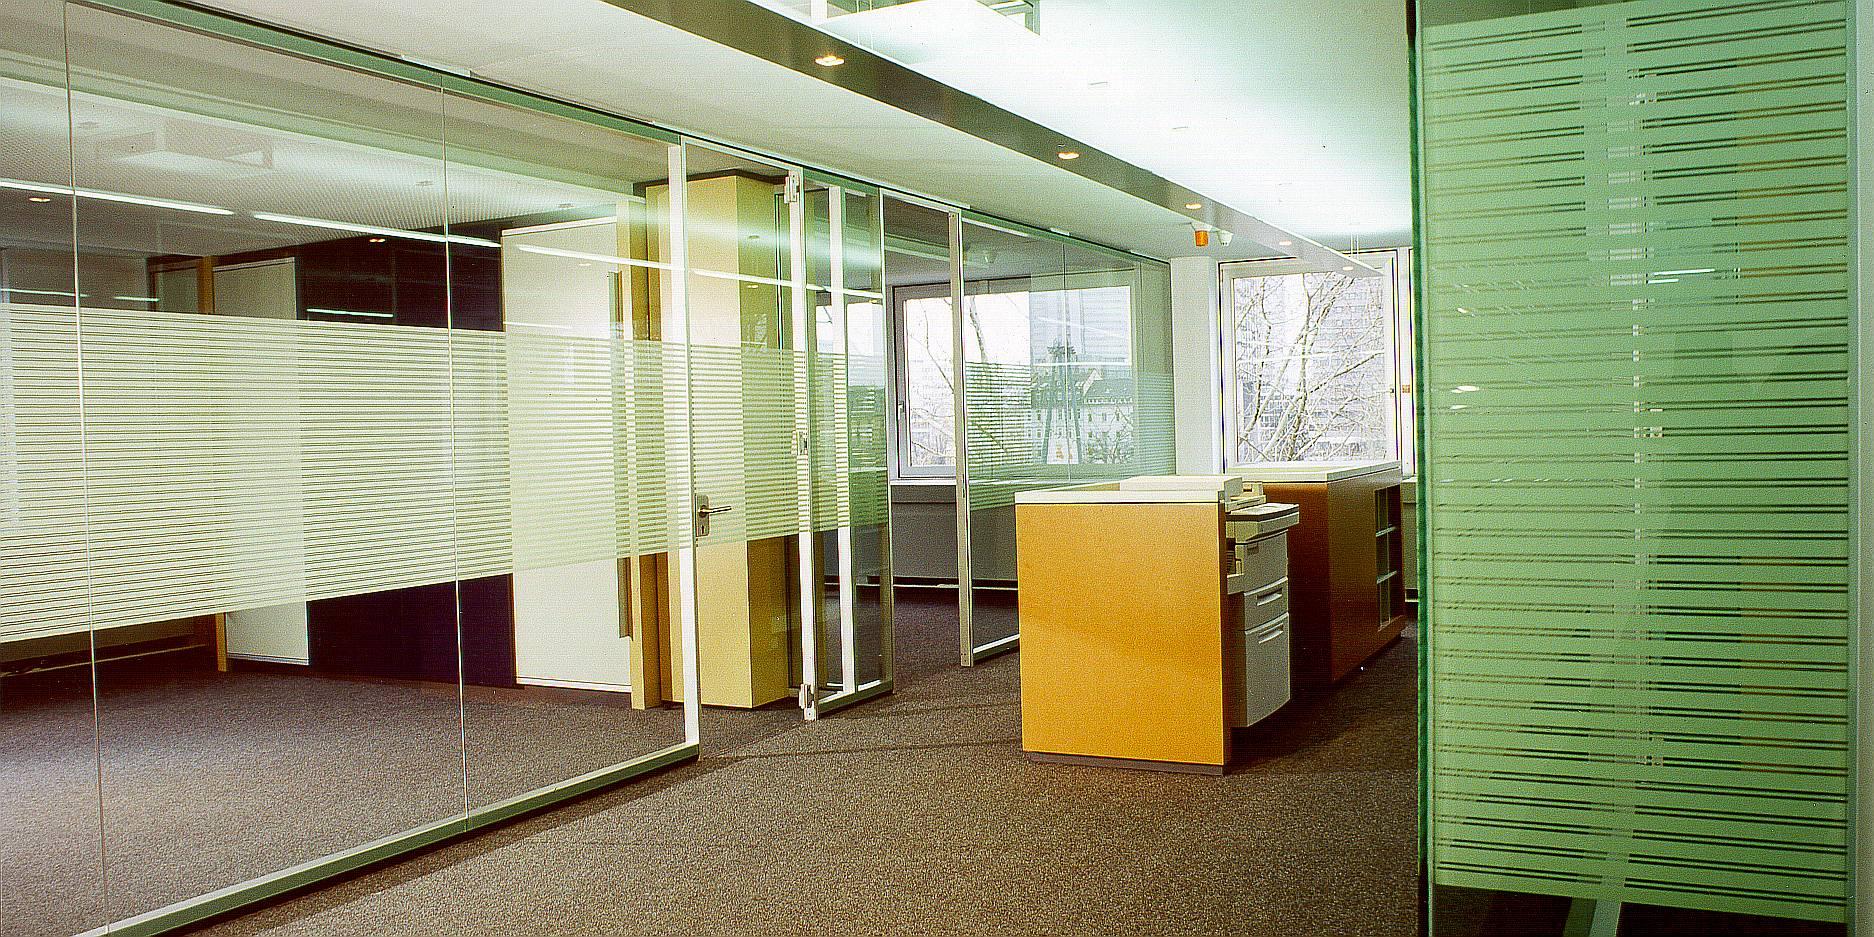 Umbau und Neugestaltung Büroetage für G.F.M.O. – Frankfurt Sachsenhausen, Frick.Reichert Architekten